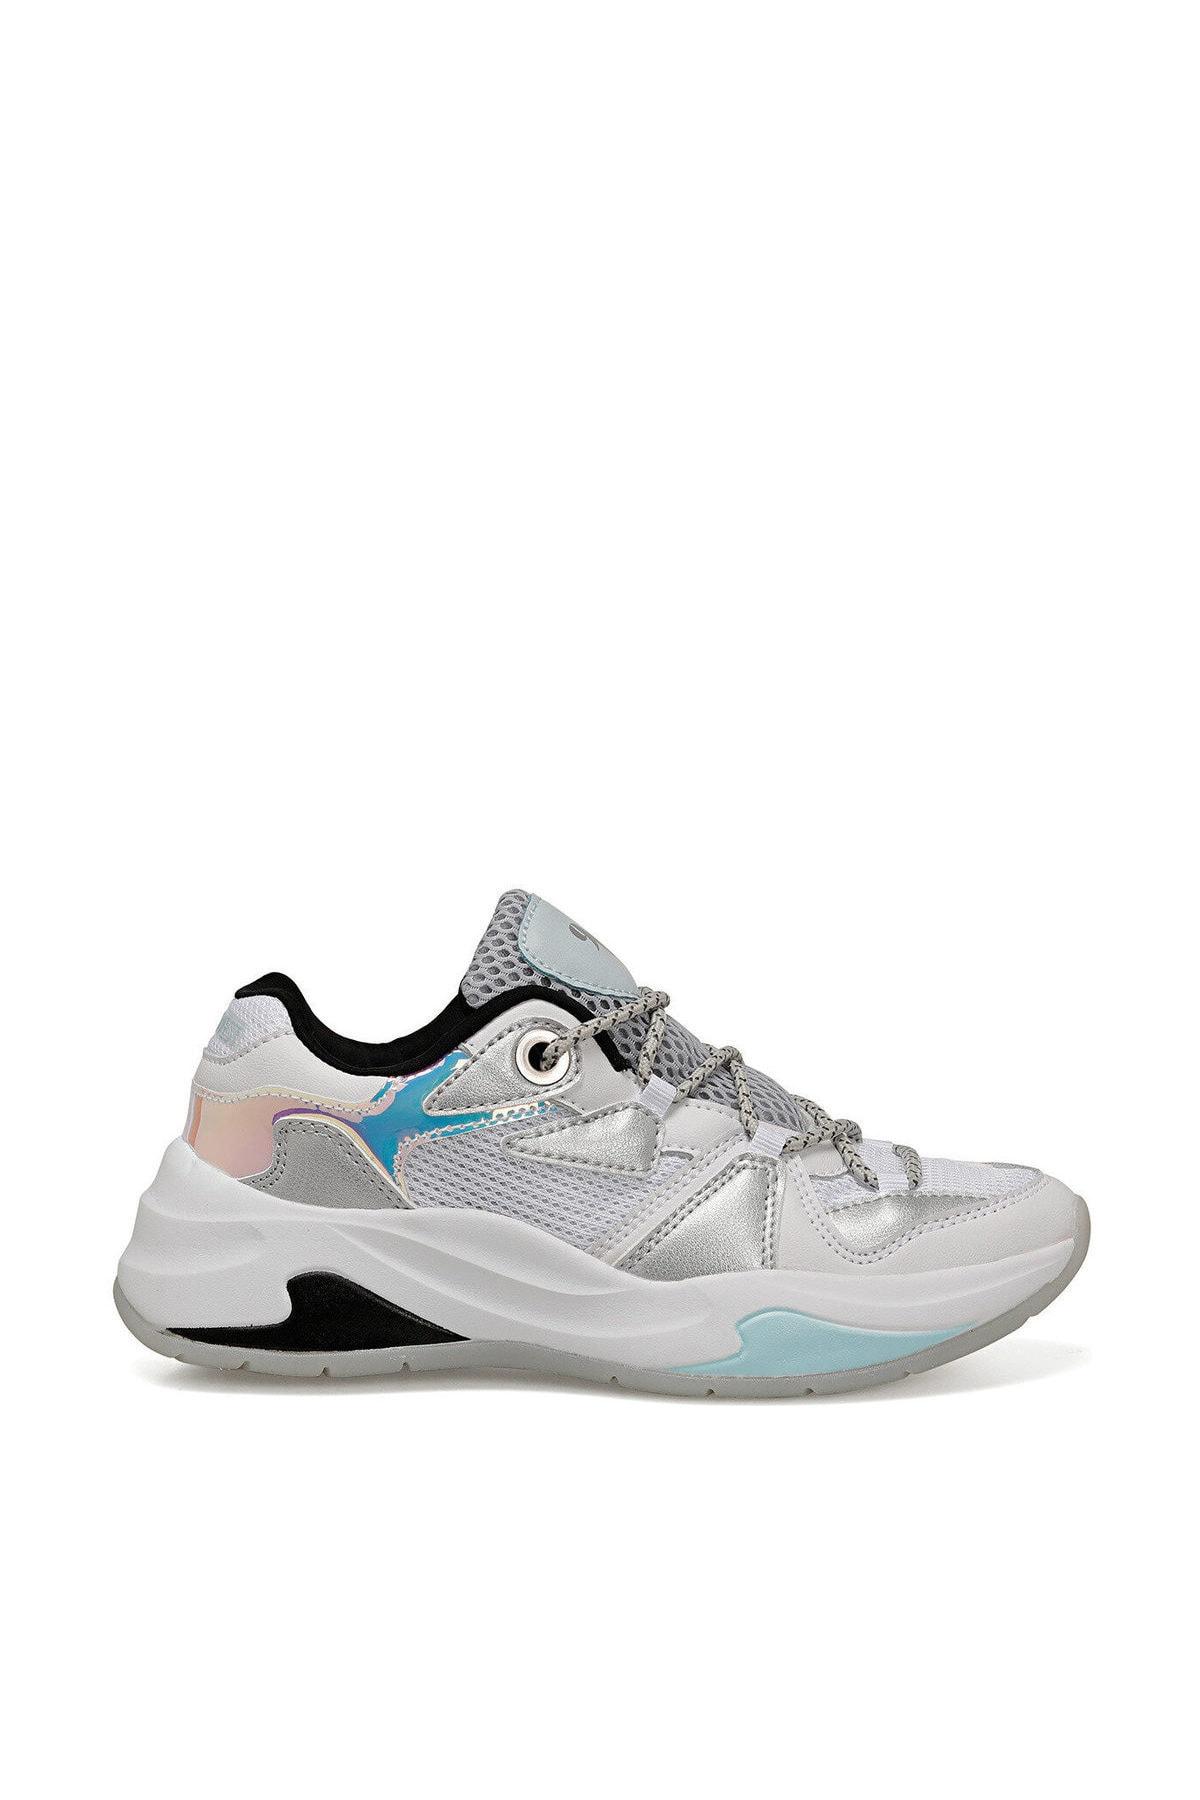 Nine West RANDOR BEYAZ GRI Kadın Kalın Taban Sneaker Spor Ayakkabı 100524815 1